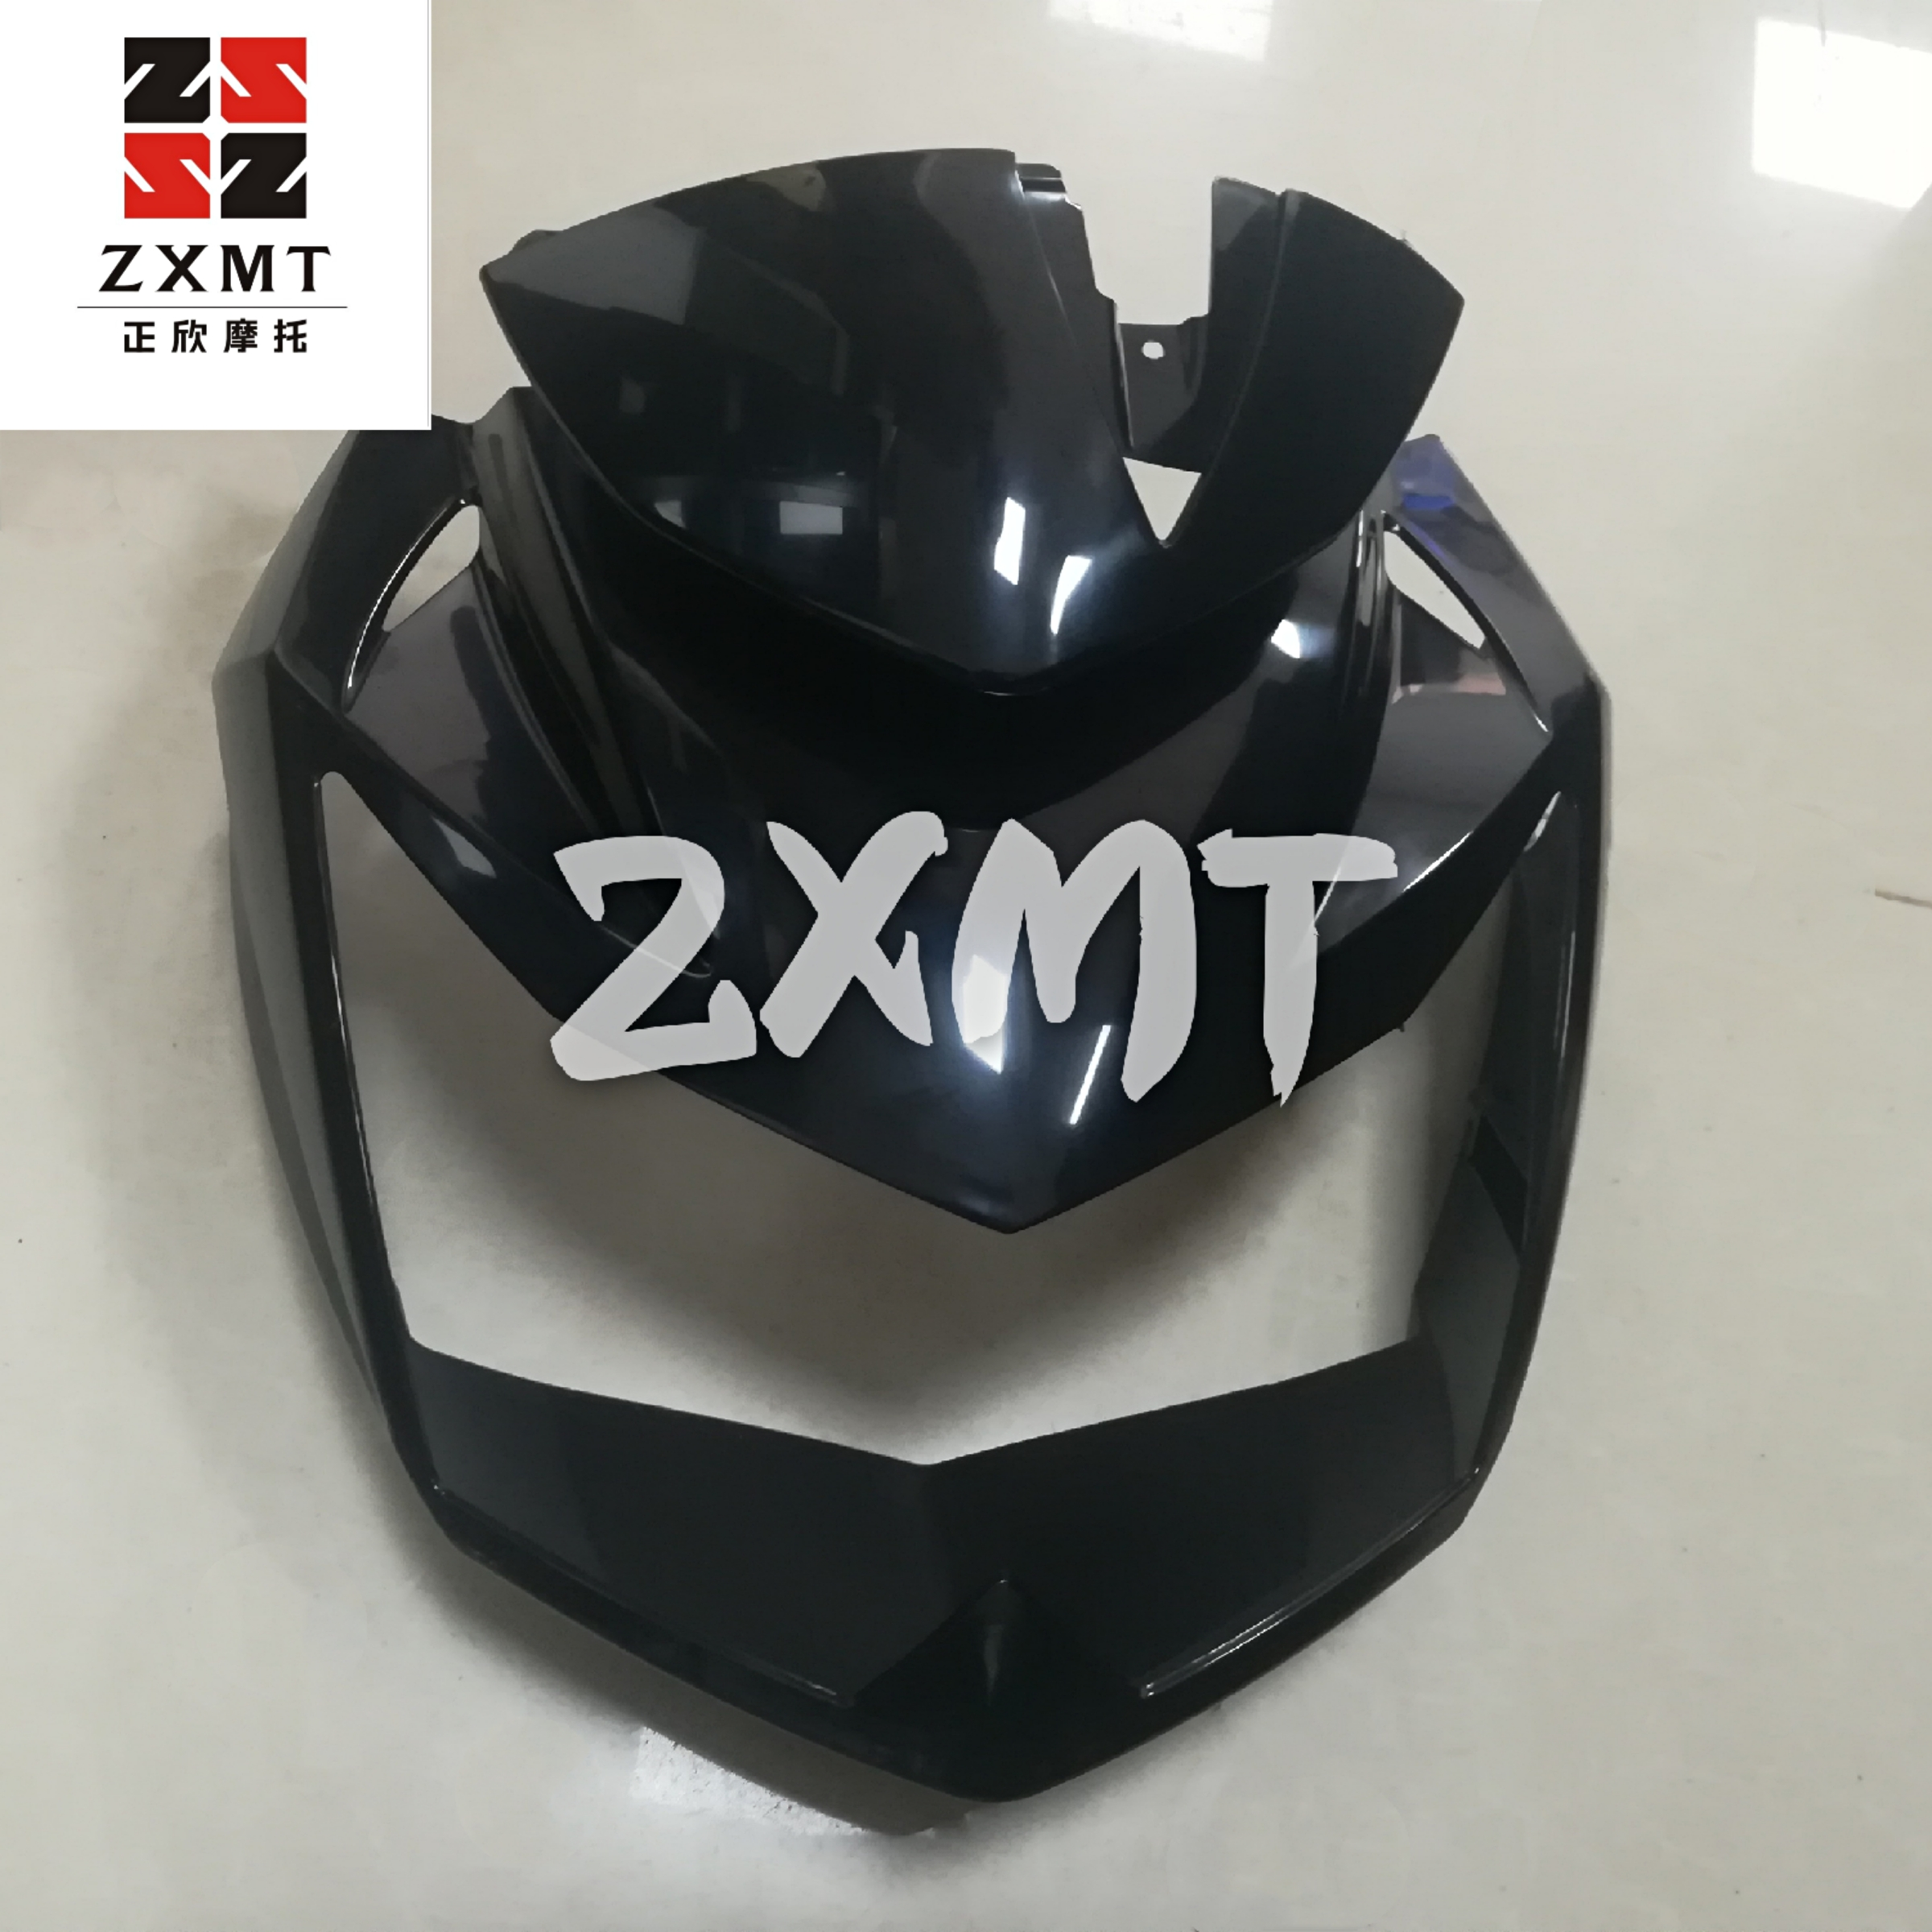 ZXMOTO Unpainted Motorcycle Bodywork Fairing Kit for Kawasaki NINJA 650 ER6F 2017 2018